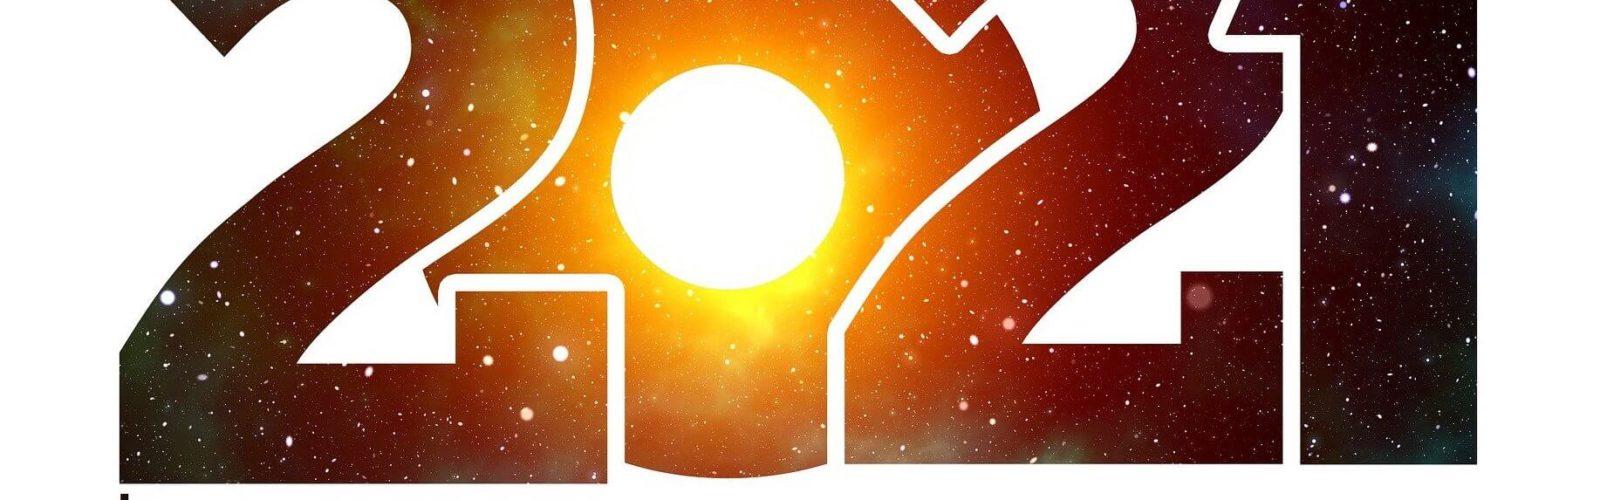 Infos zum Angebot 2021 wir kommen: Neue Kurse, neuer Blog & Events